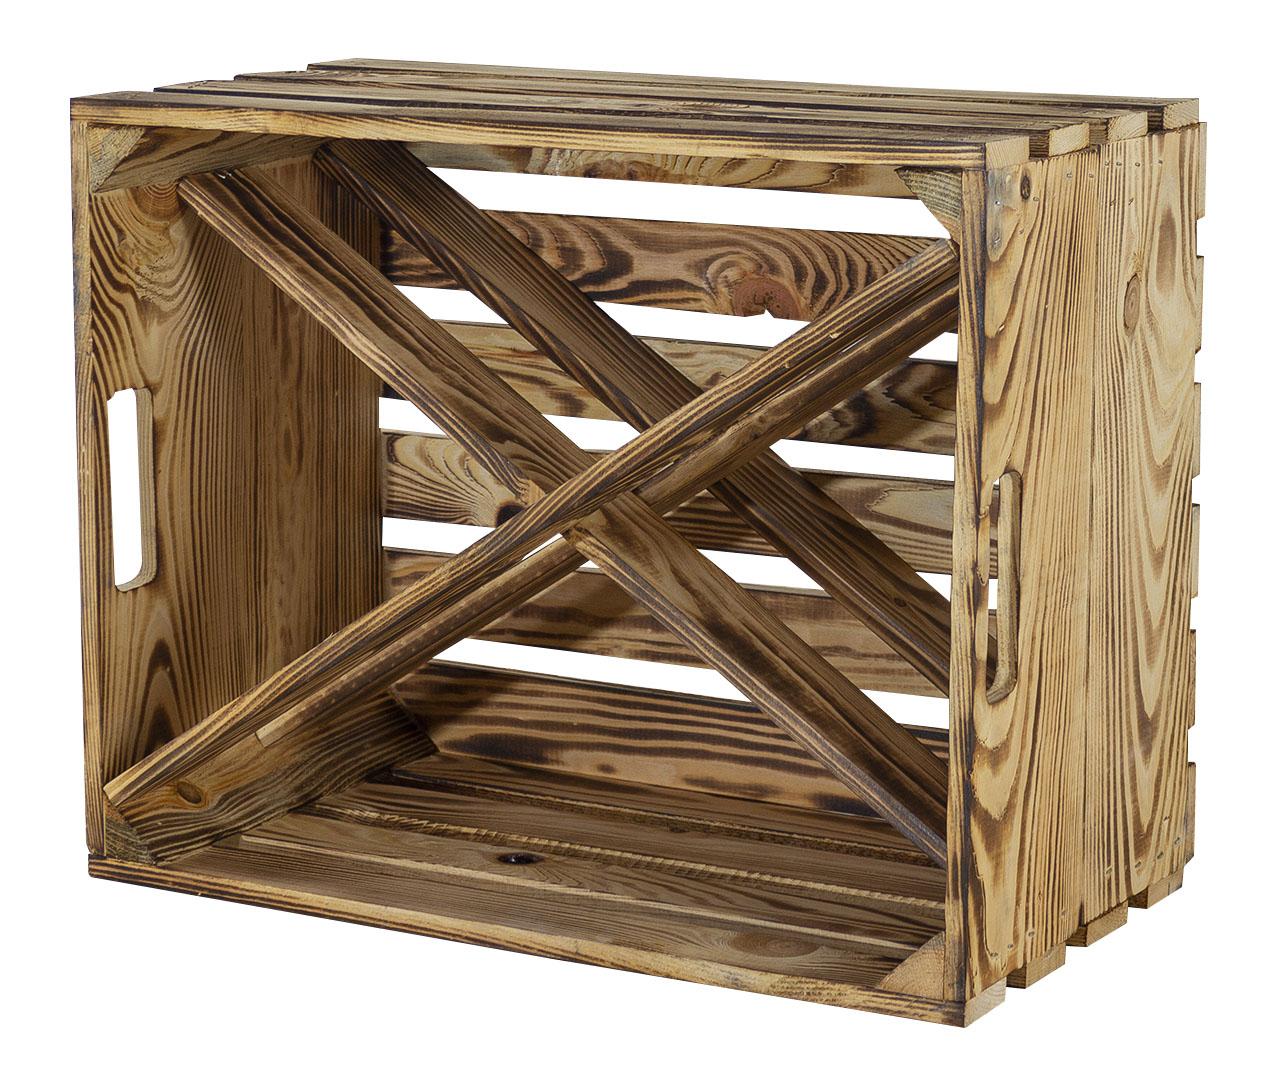 Weinlagerung Barschrank Aus Geflammten Holz Mit 4 Fachern Fur Spirituosen Neu 50x38x27cm Weinregal Holz Flaschenregal X Form